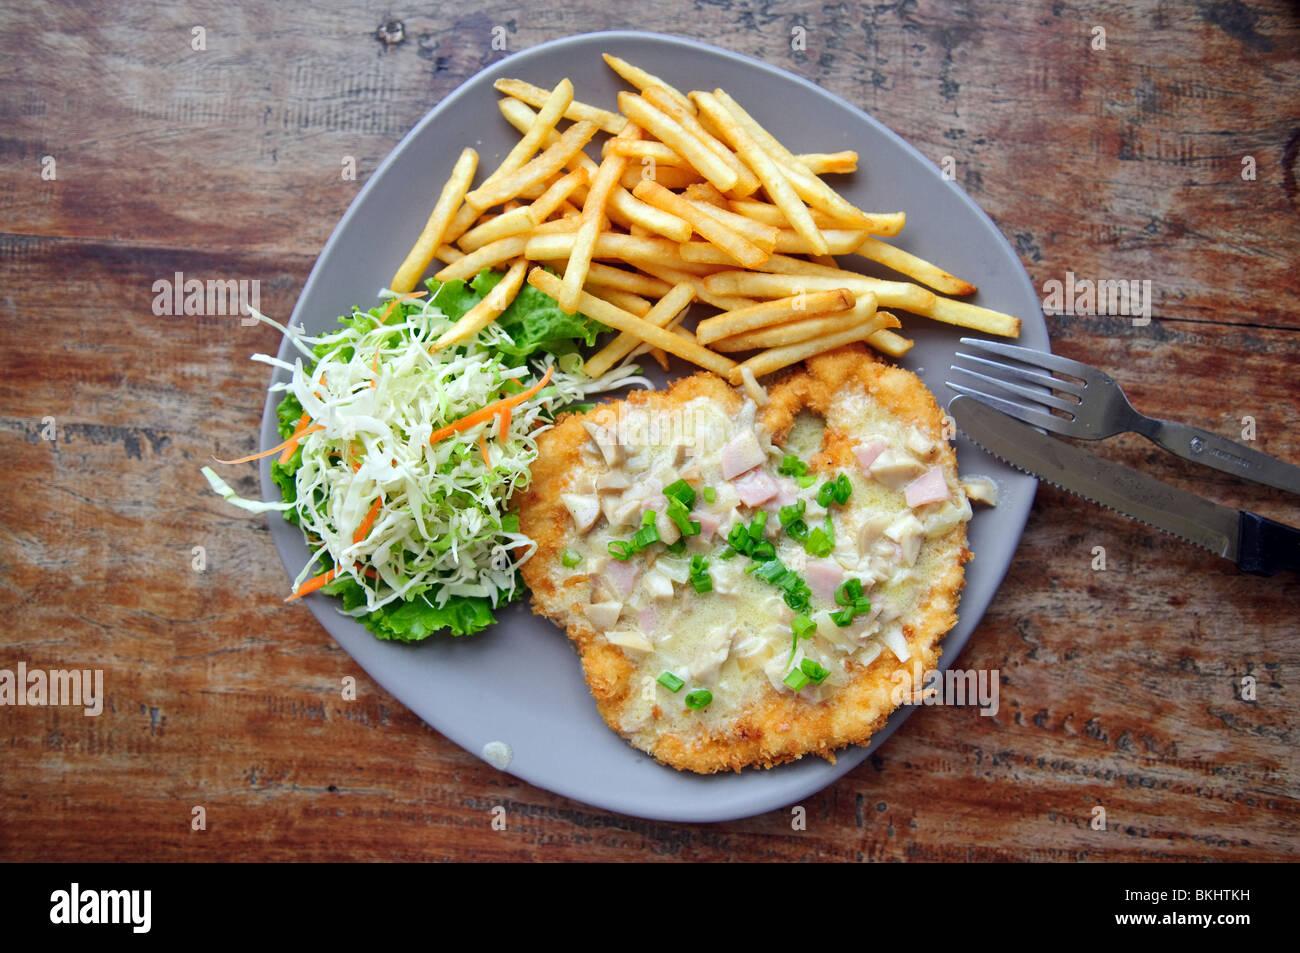 Steak avec pommes de terre frites Photo Stock